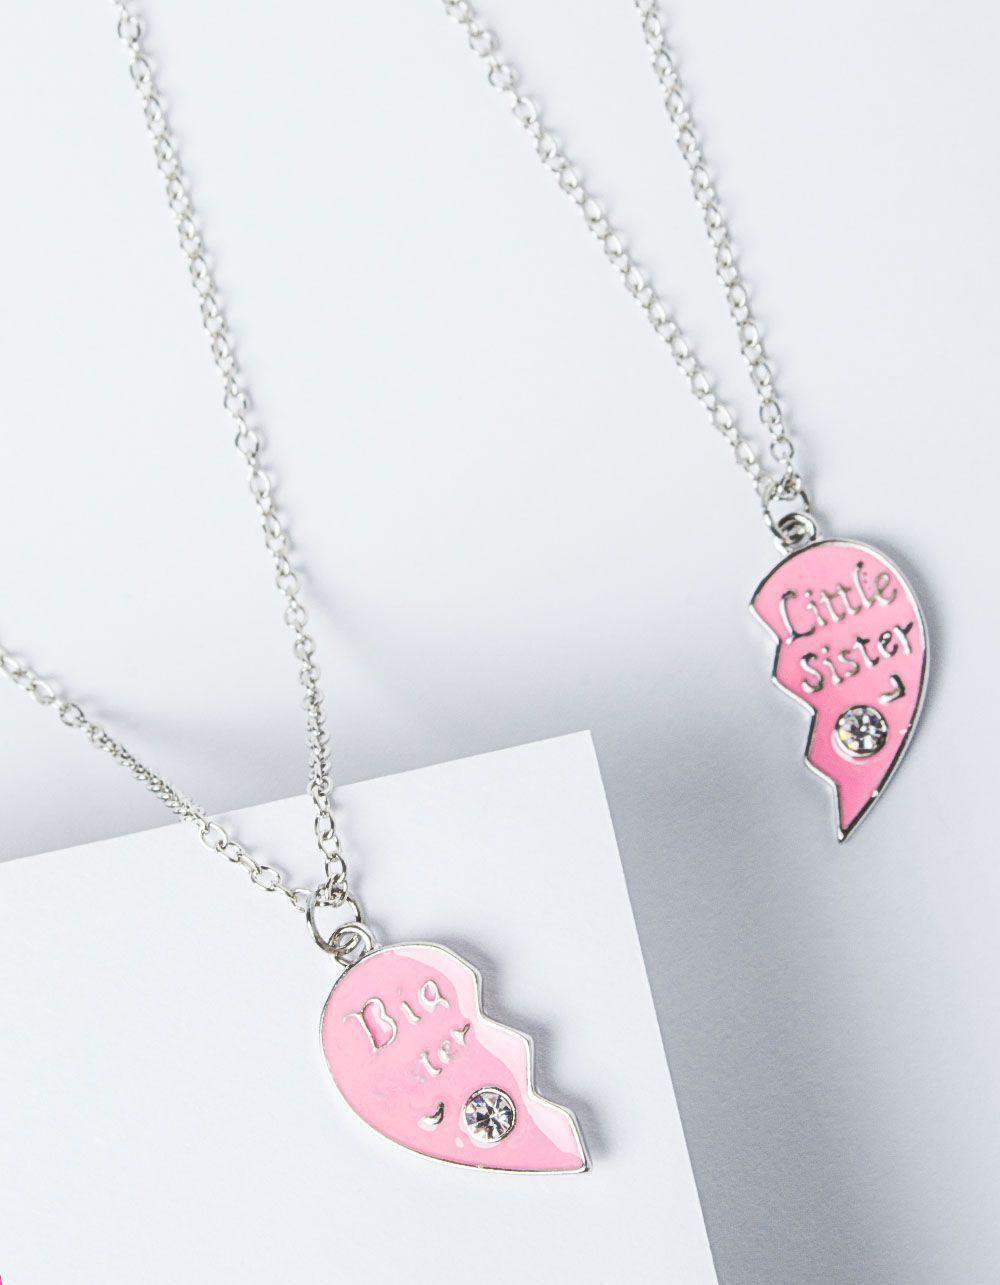 Підвіска френди парна з кулонами у вигляді серця   227818-70-XX